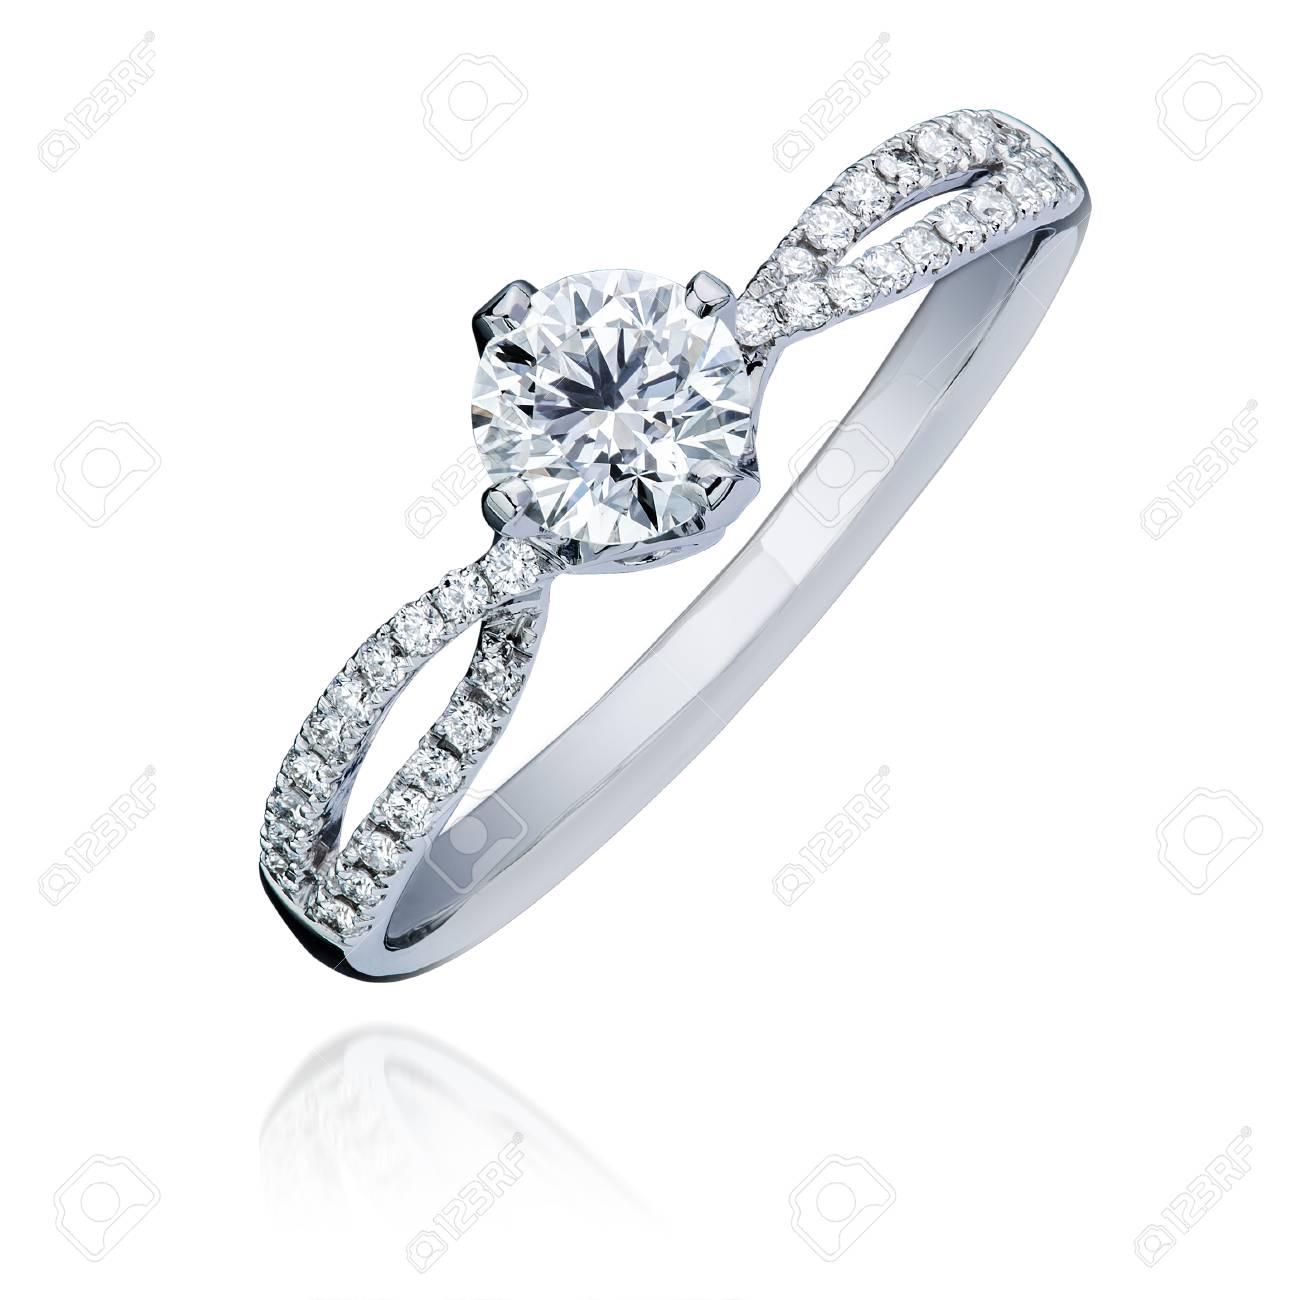 Diamant Verlobungsringe | Schone Diamant Verlobungsring Auf Weissem Hintergrund Isoliert Mit